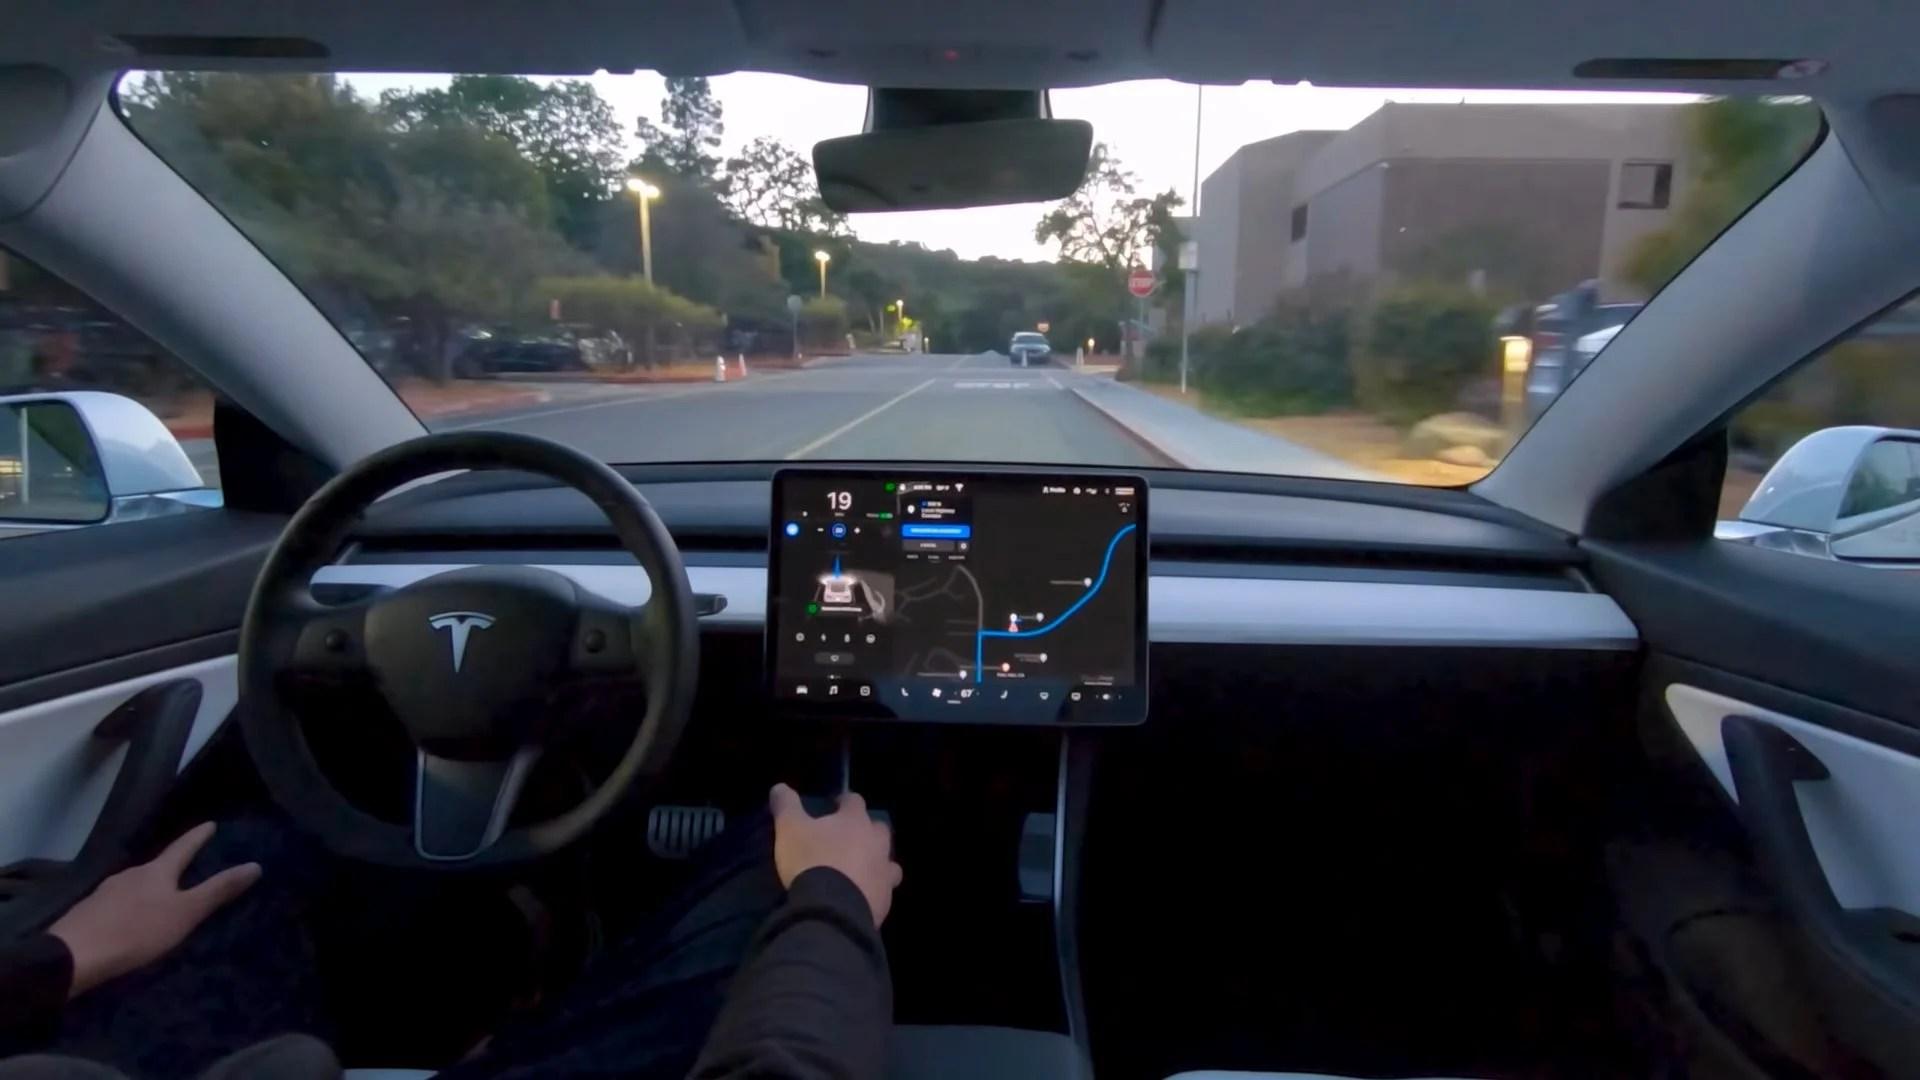 Tesla : l'abonnement mensuel pour son Autopilot arriverait bientôt